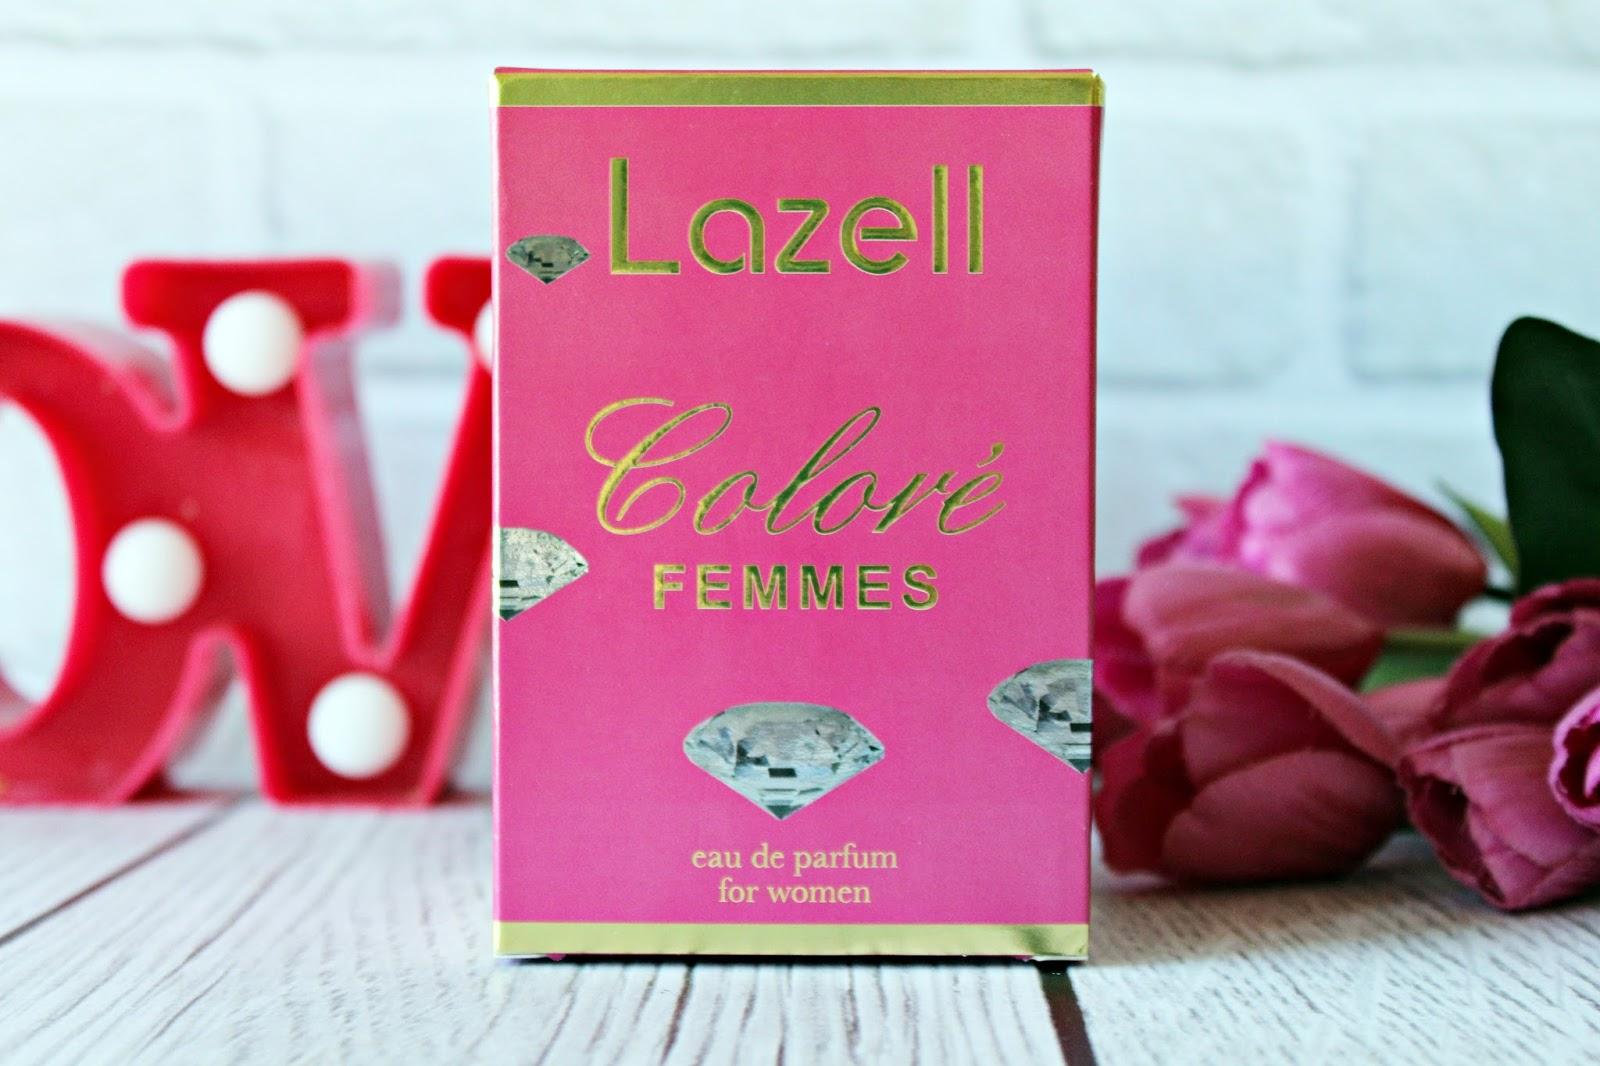 Lazell Colore Femmes & Lazell Black Onyx - Woda toaletowa dla niej